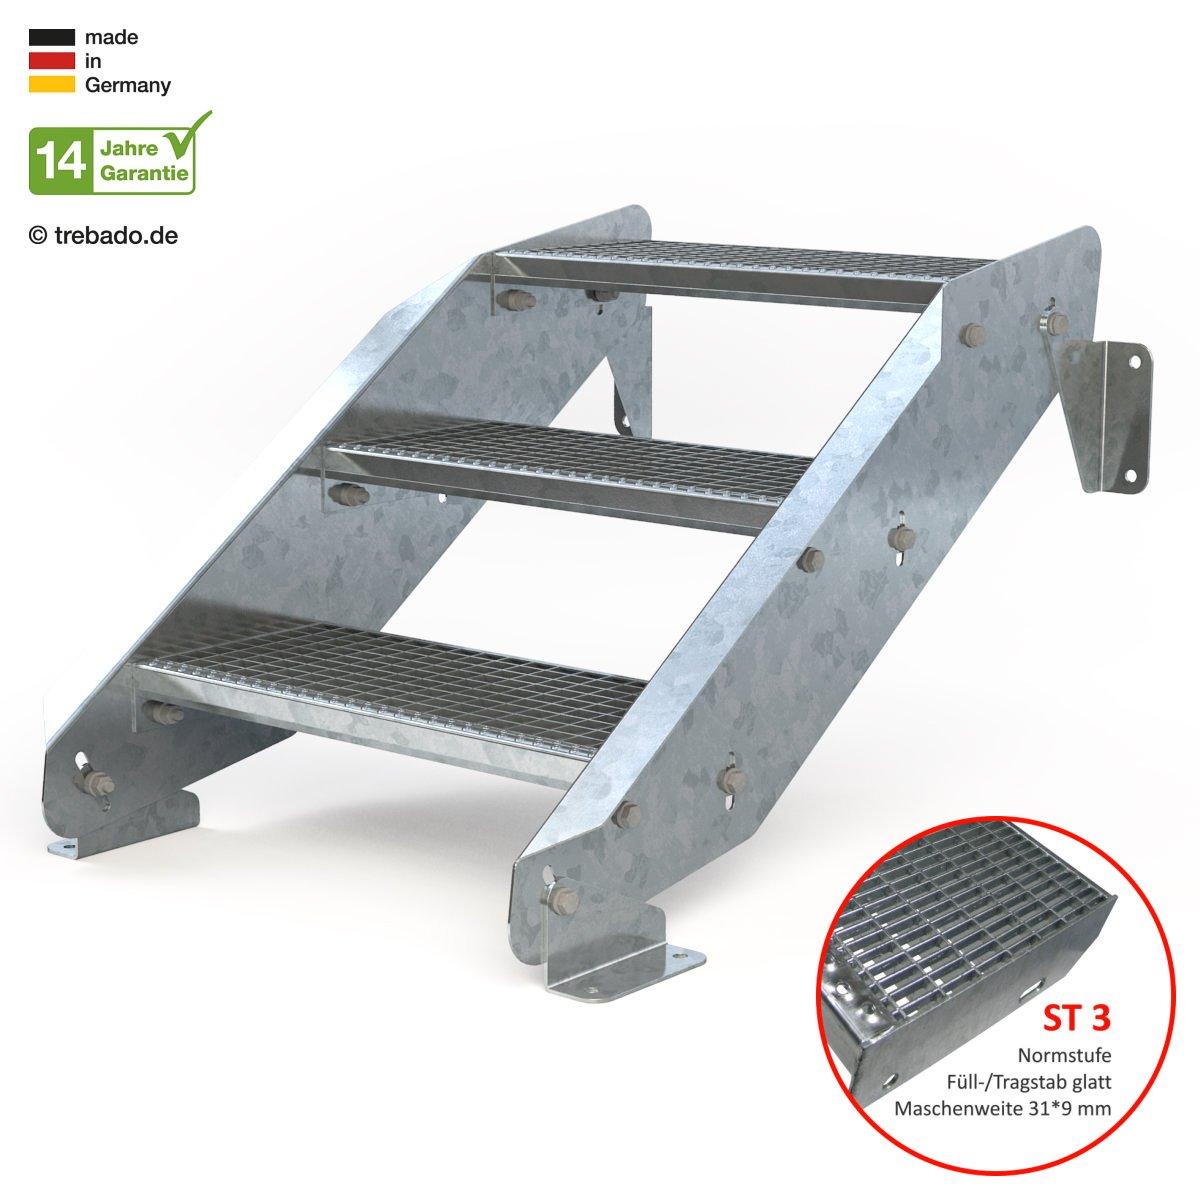 Gitterroststufe ST1 feuerverzinkte Stahltreppe mit 600 mm Stufenl/änge als montagefertiger Bausatz Au/ßentreppe 3 Stufen 60 cm Laufbreite ohne Gel/änder Anstellh/öhe variabel von 42 cm bis 64 cm